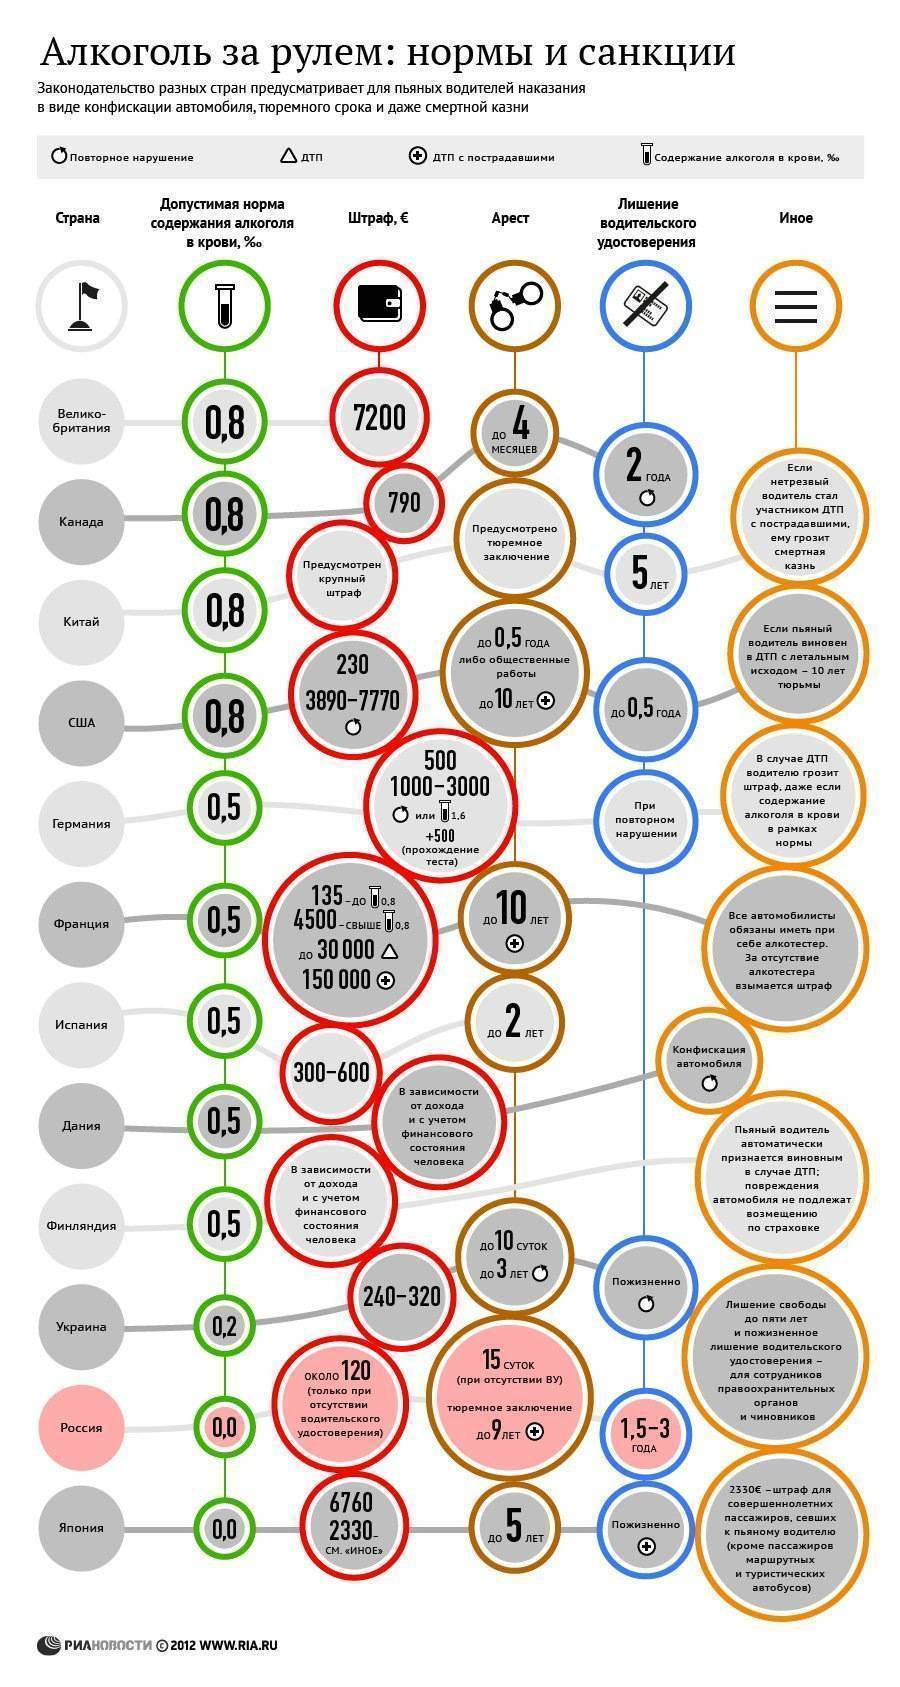 Нормы алкоголя для водителей в разных странах. норма алкоголя при вождении в европе и странах северной америки